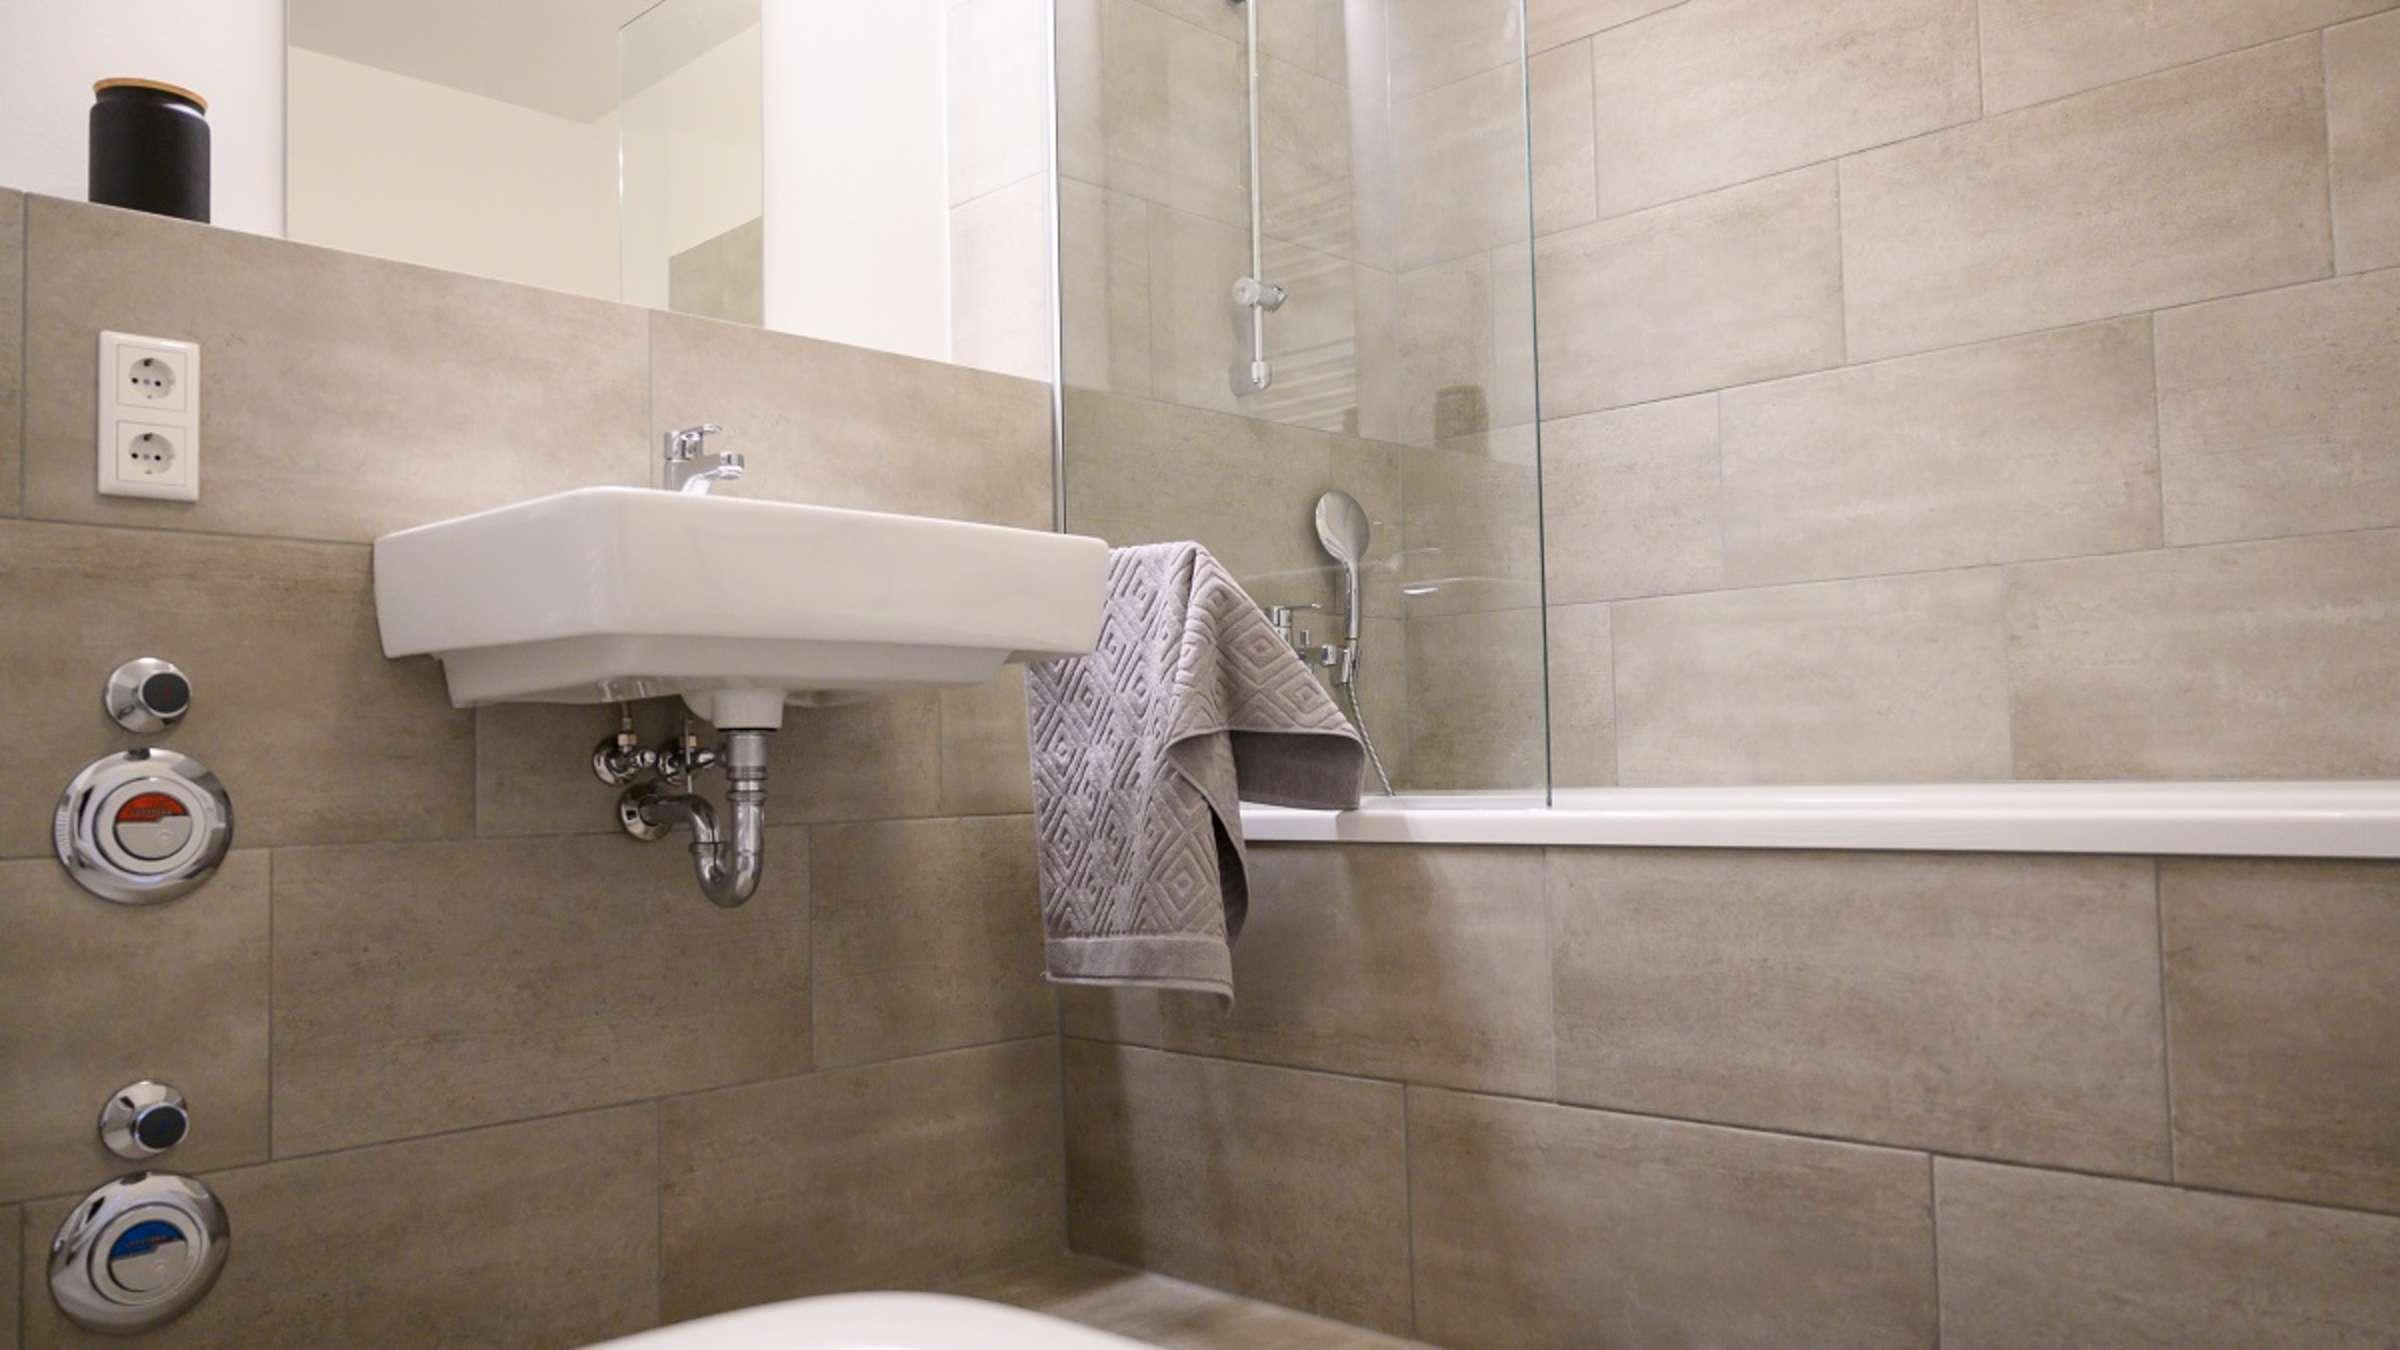 Bad ohne Fenster Wie vermeide ich Schimmel   Wohnen